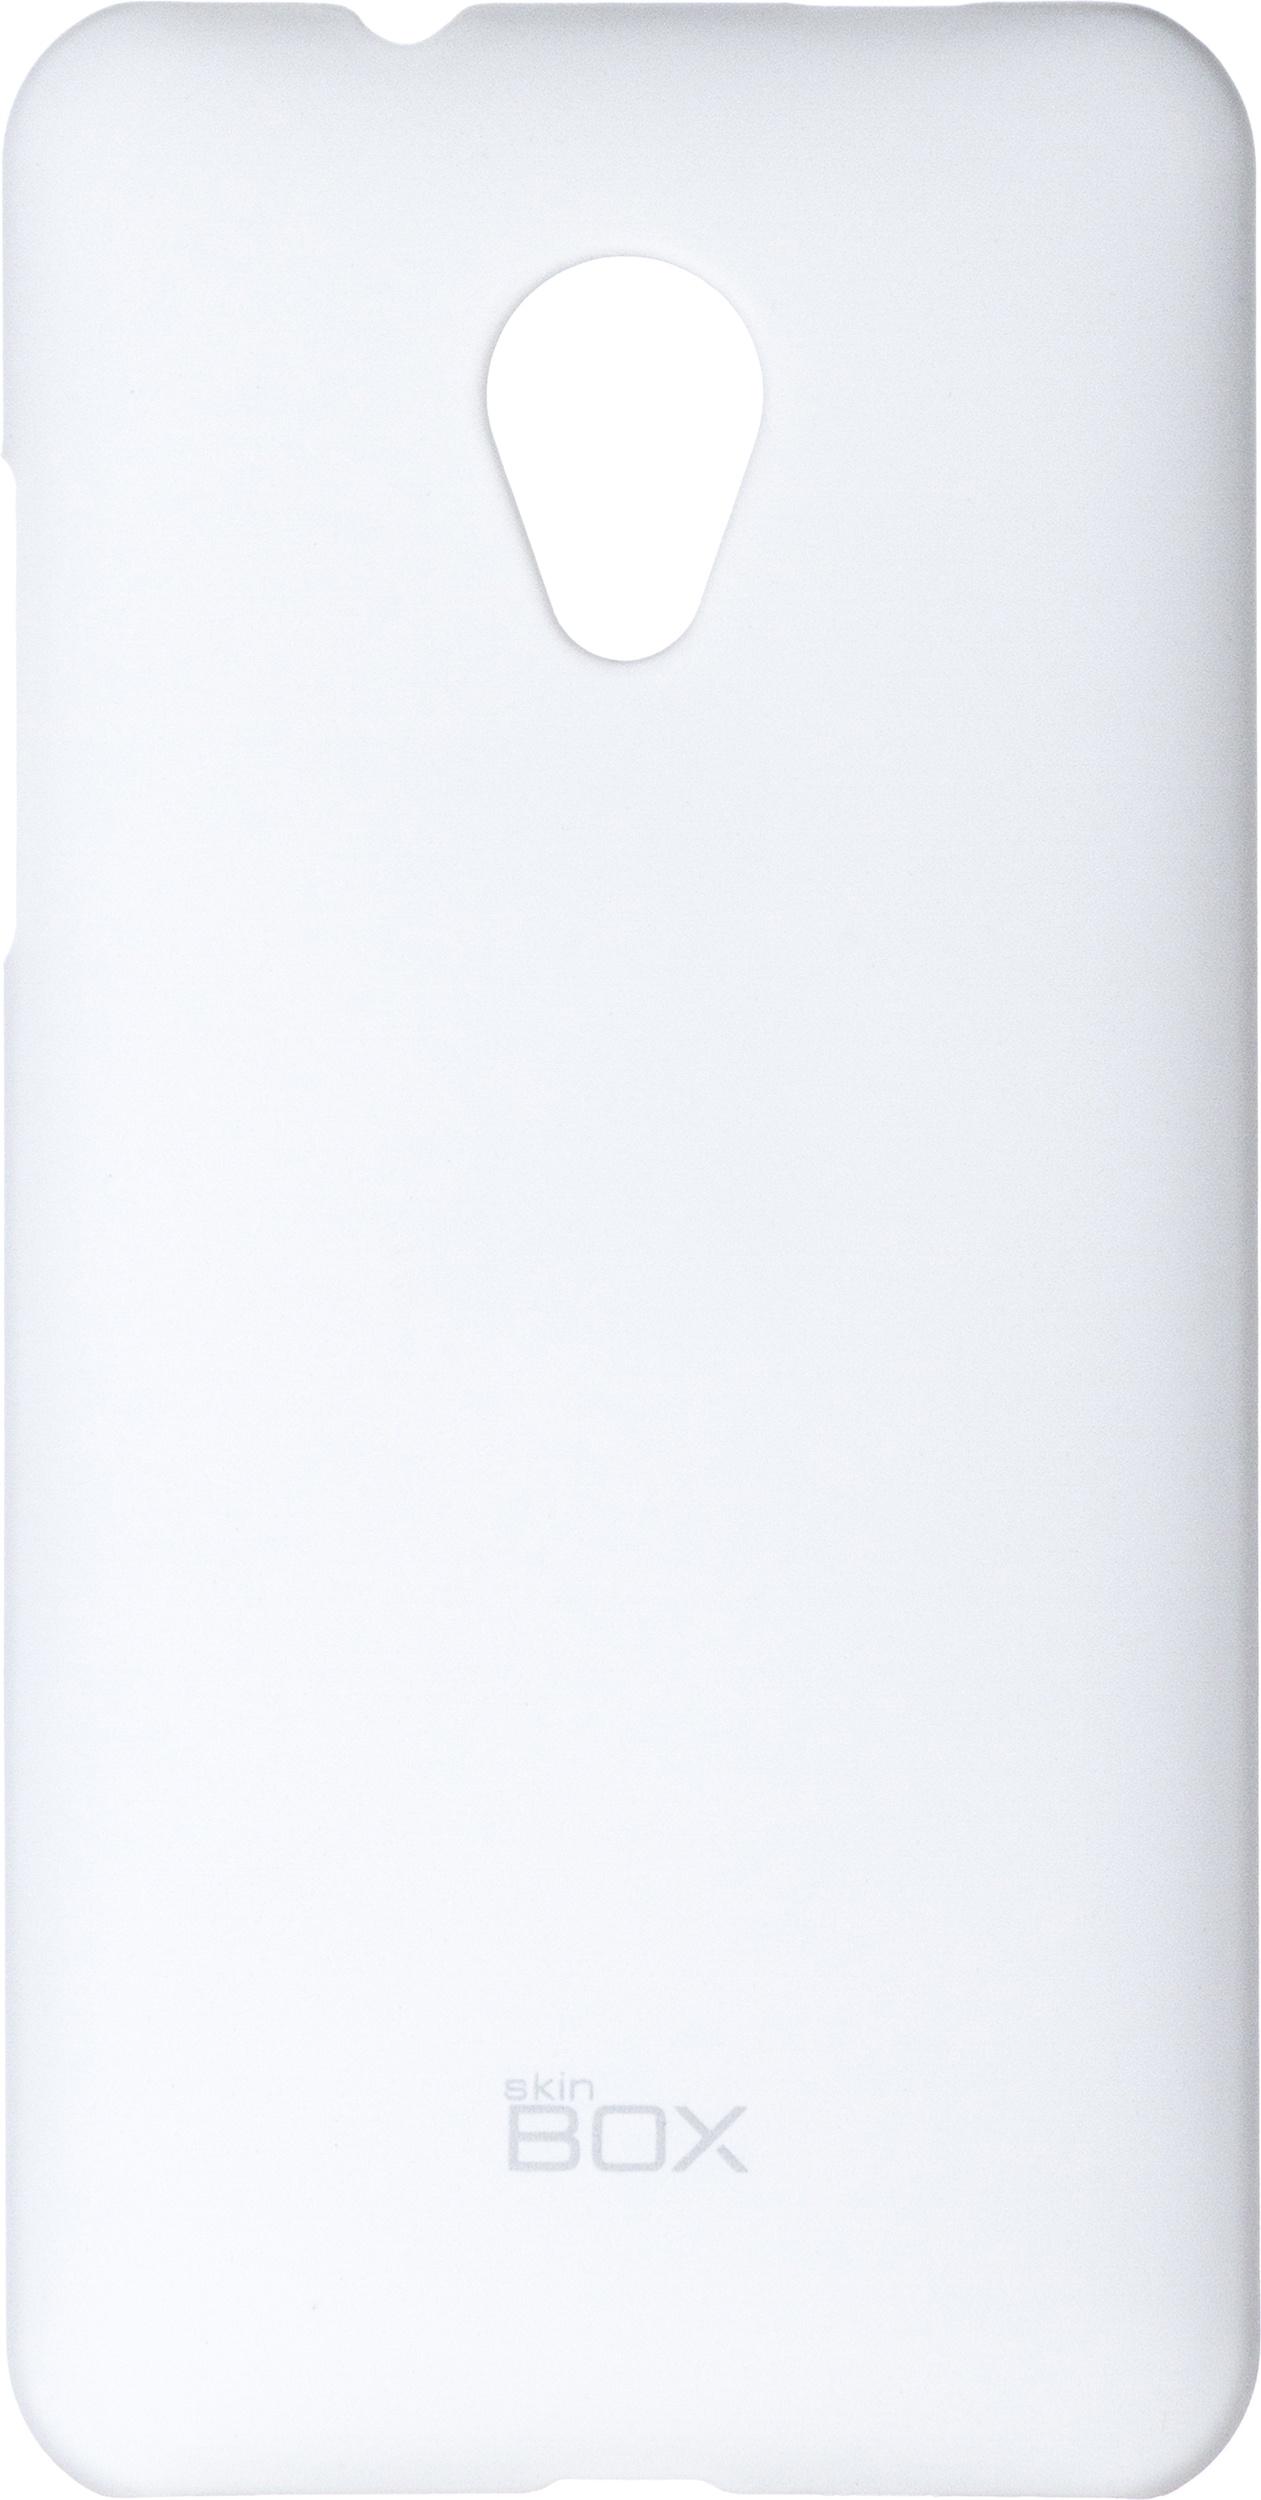 Чехол для сотового телефона skinBOX 4People, 4630042526792, белый стоимость